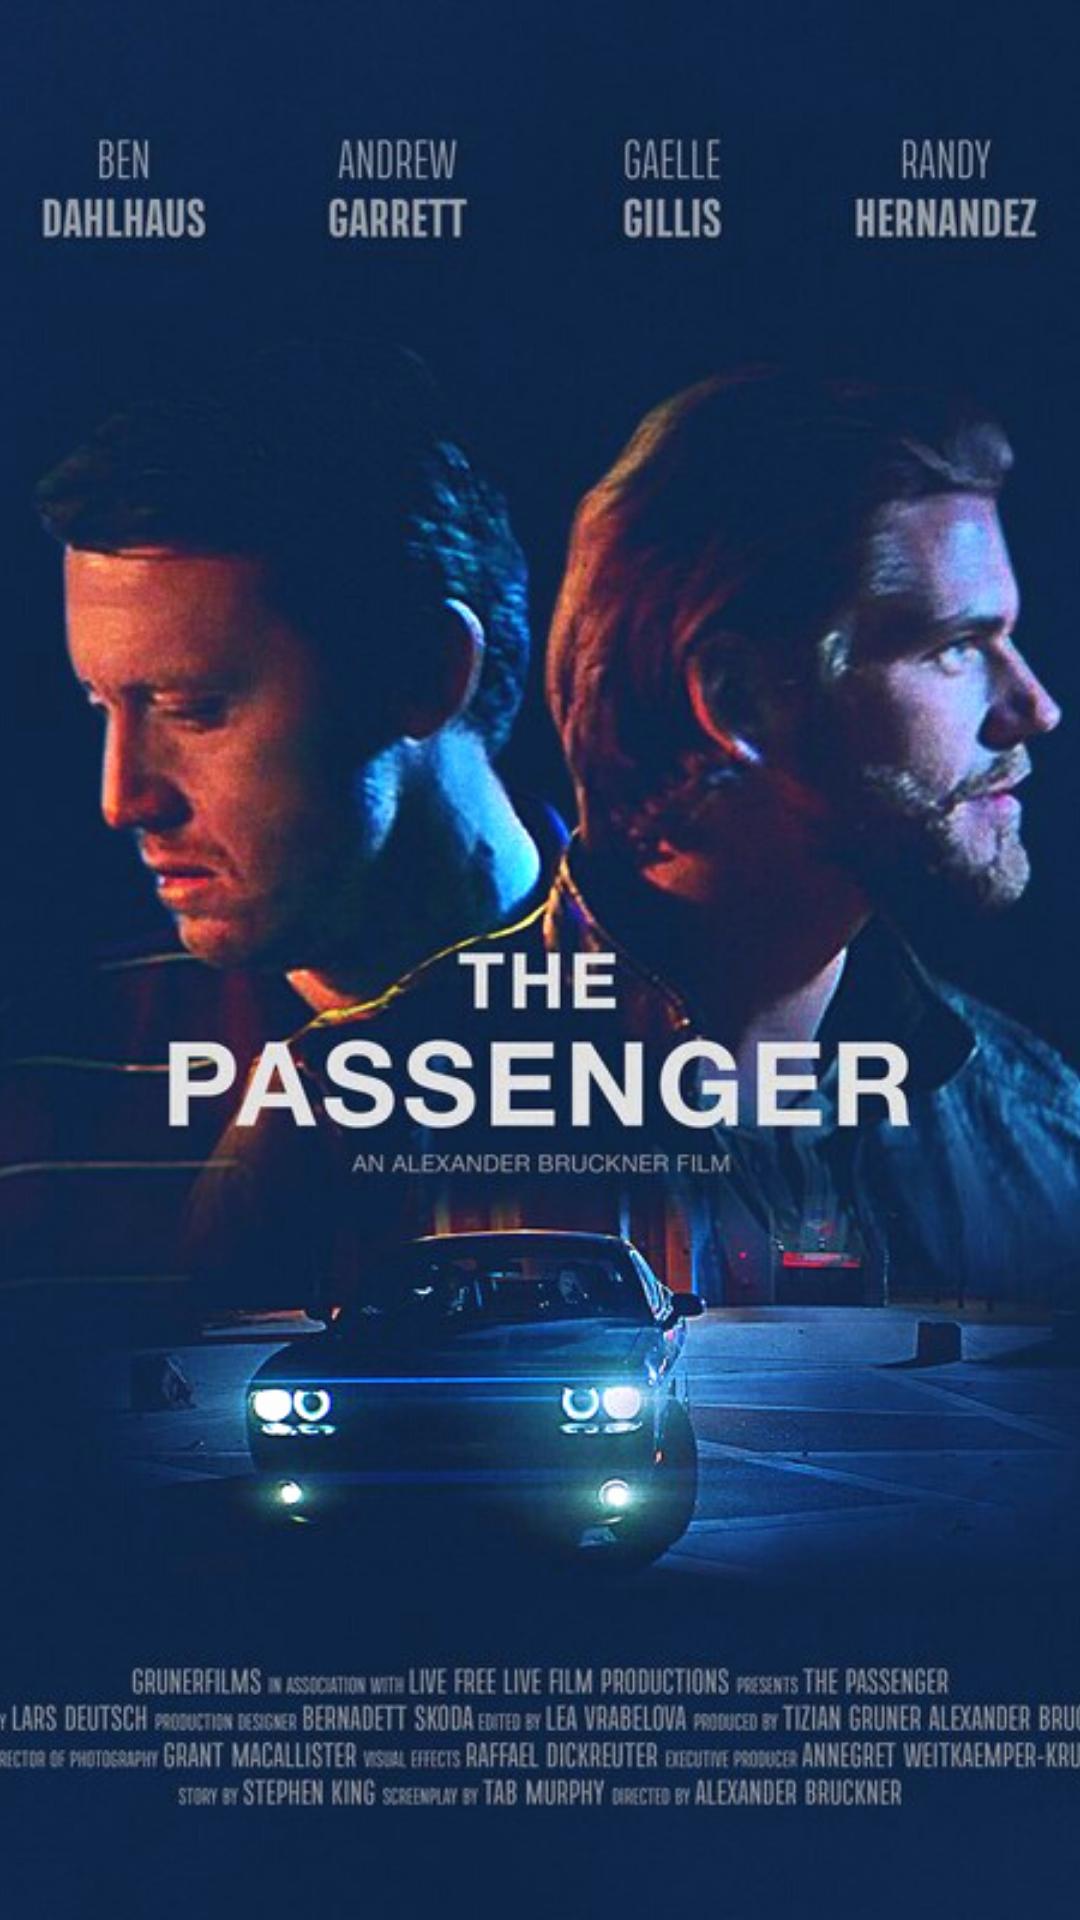 The Passenger-Alexander Bruckner